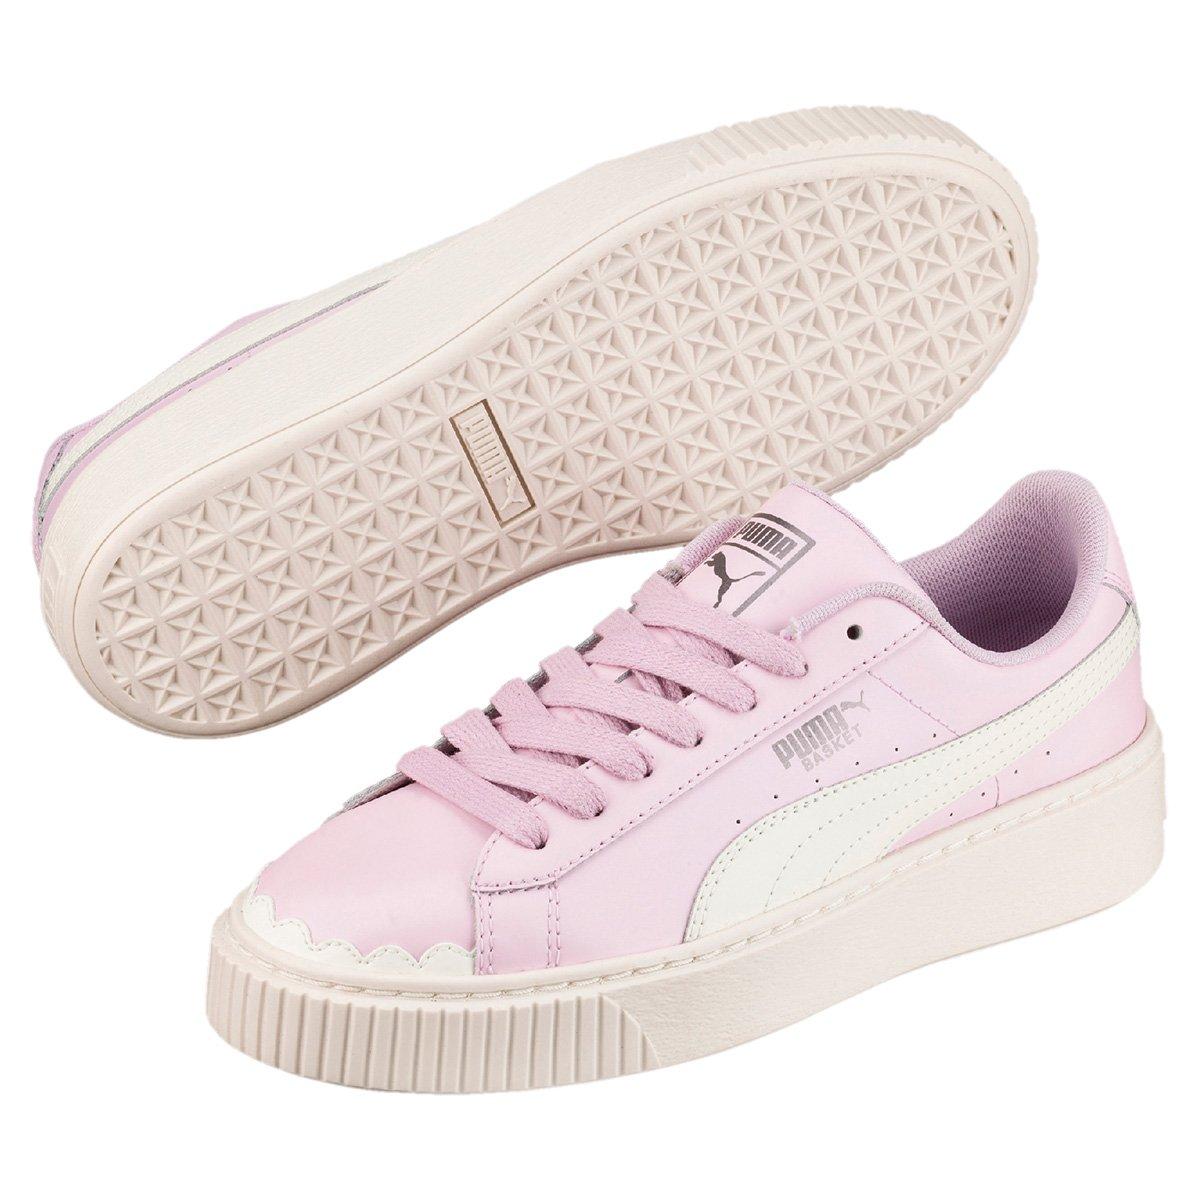 Tênis Puma Basket Platform Scallop Feminino Rosa e Branco